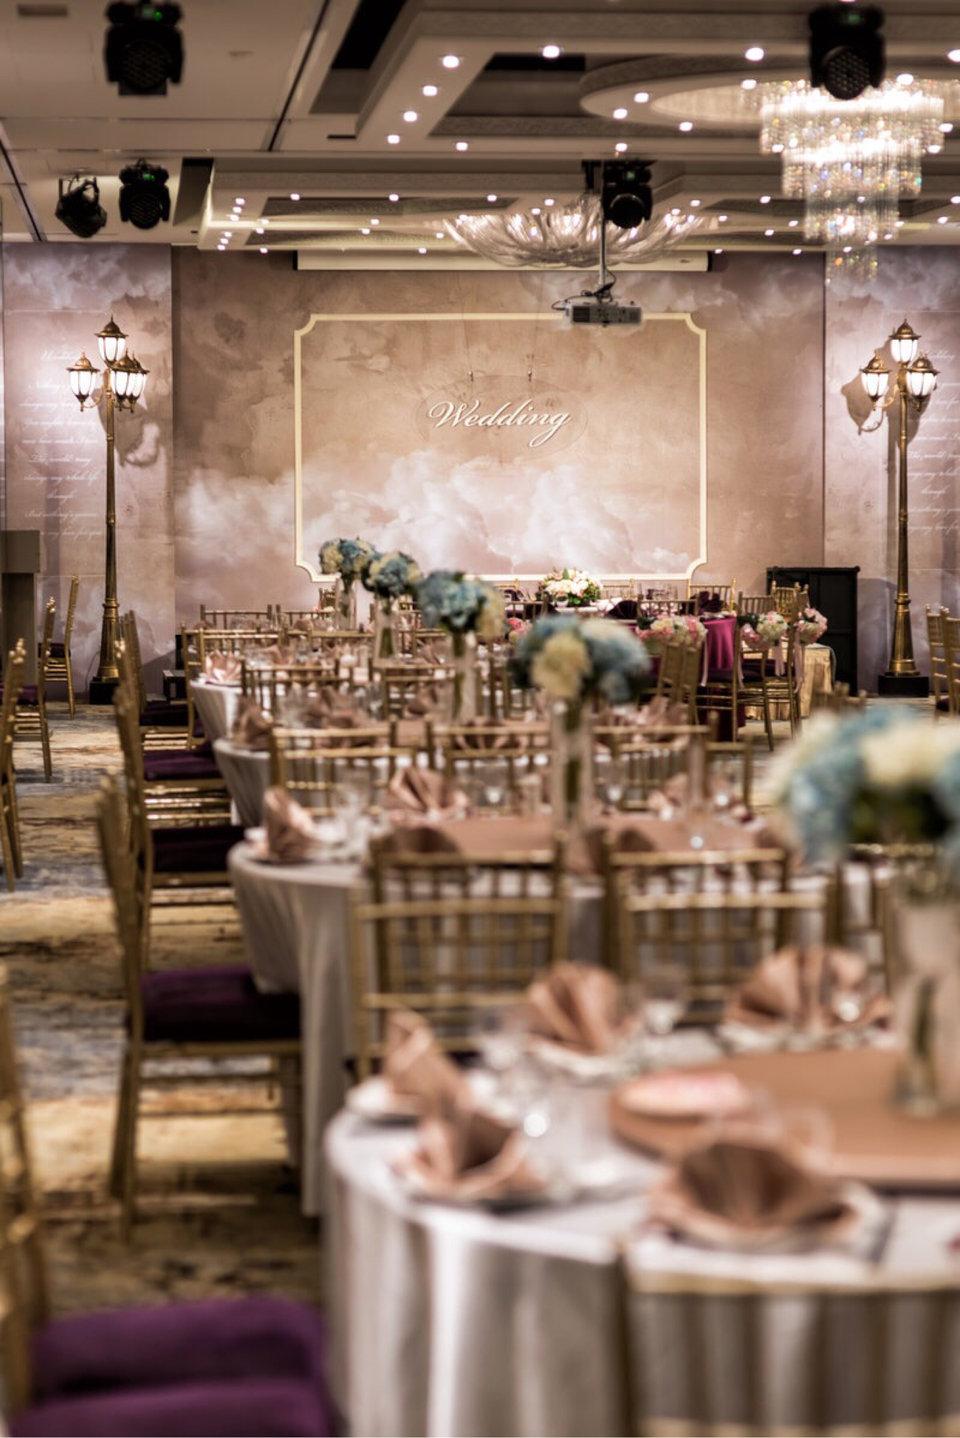 彭園婚宴-壹品宴,彭園-壹品宴是我們第一間參觀就下訂的餐廳。